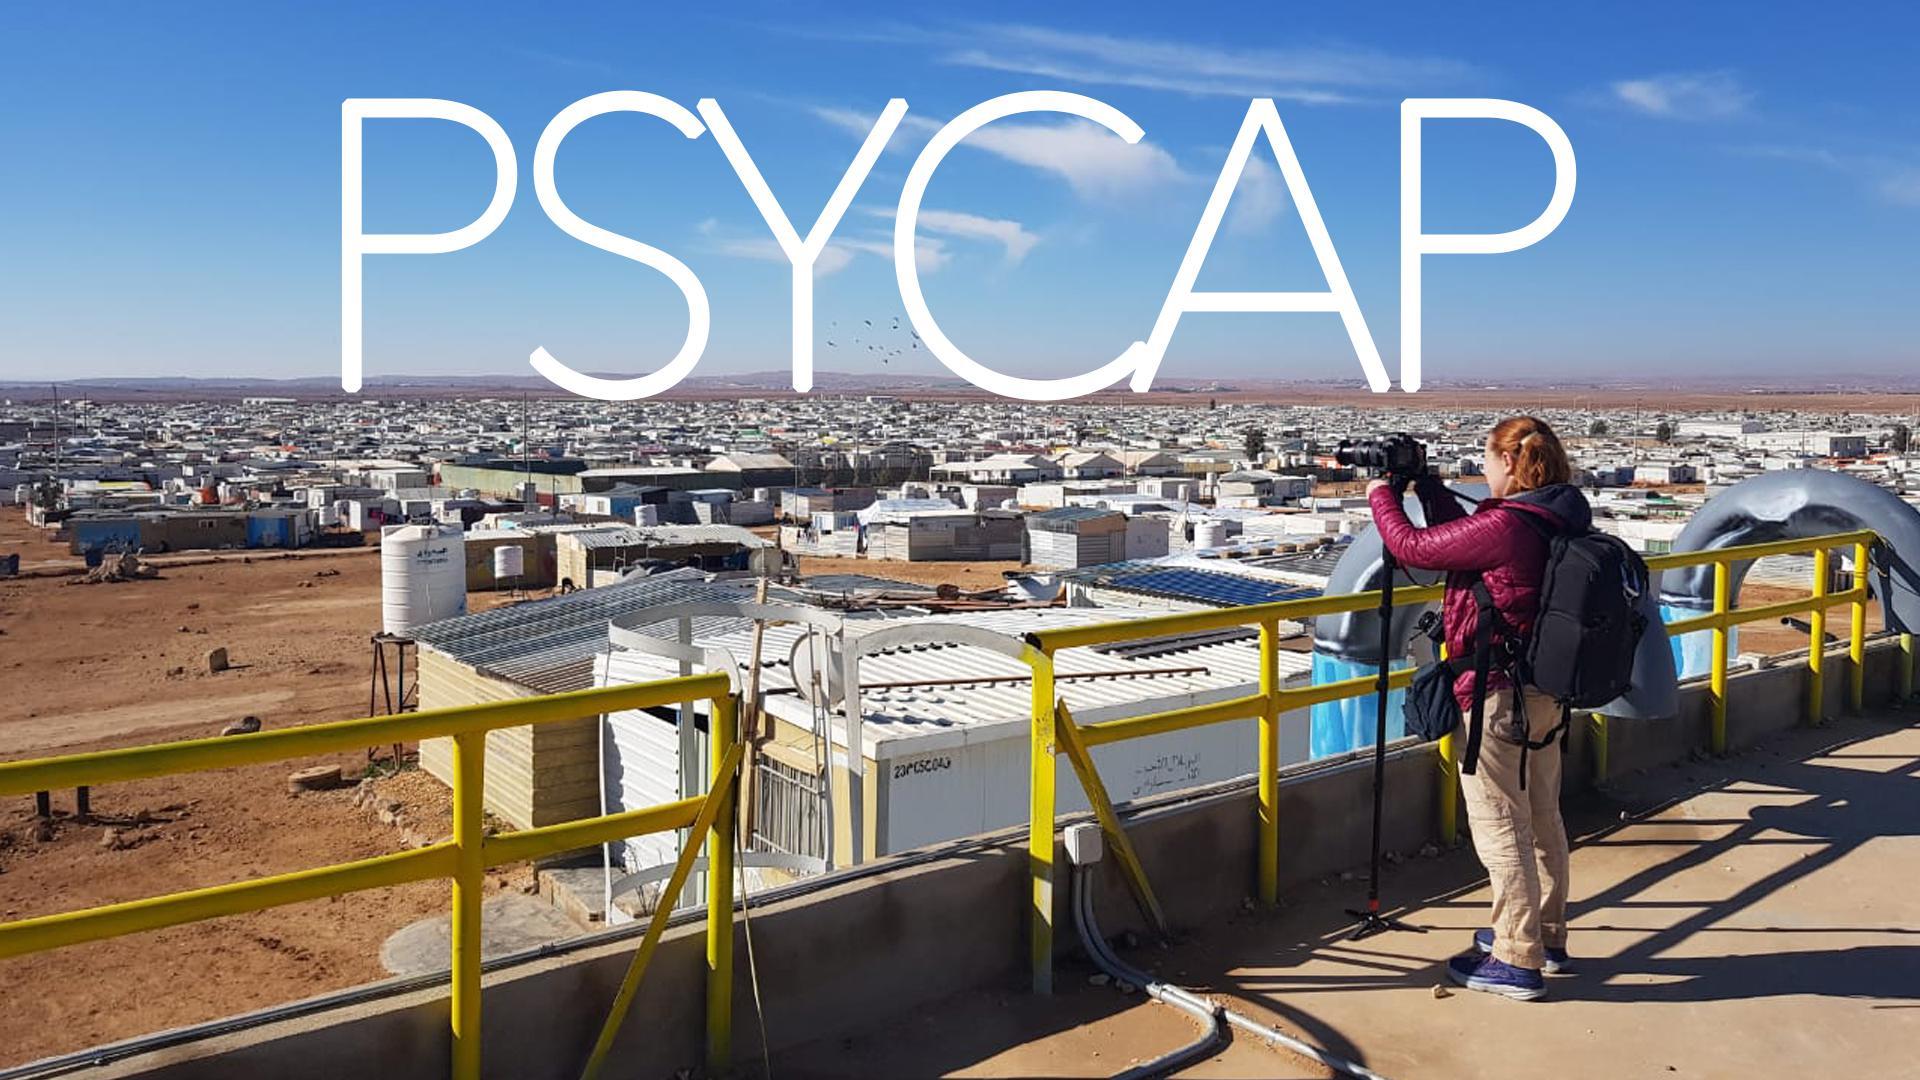 PSYCAP